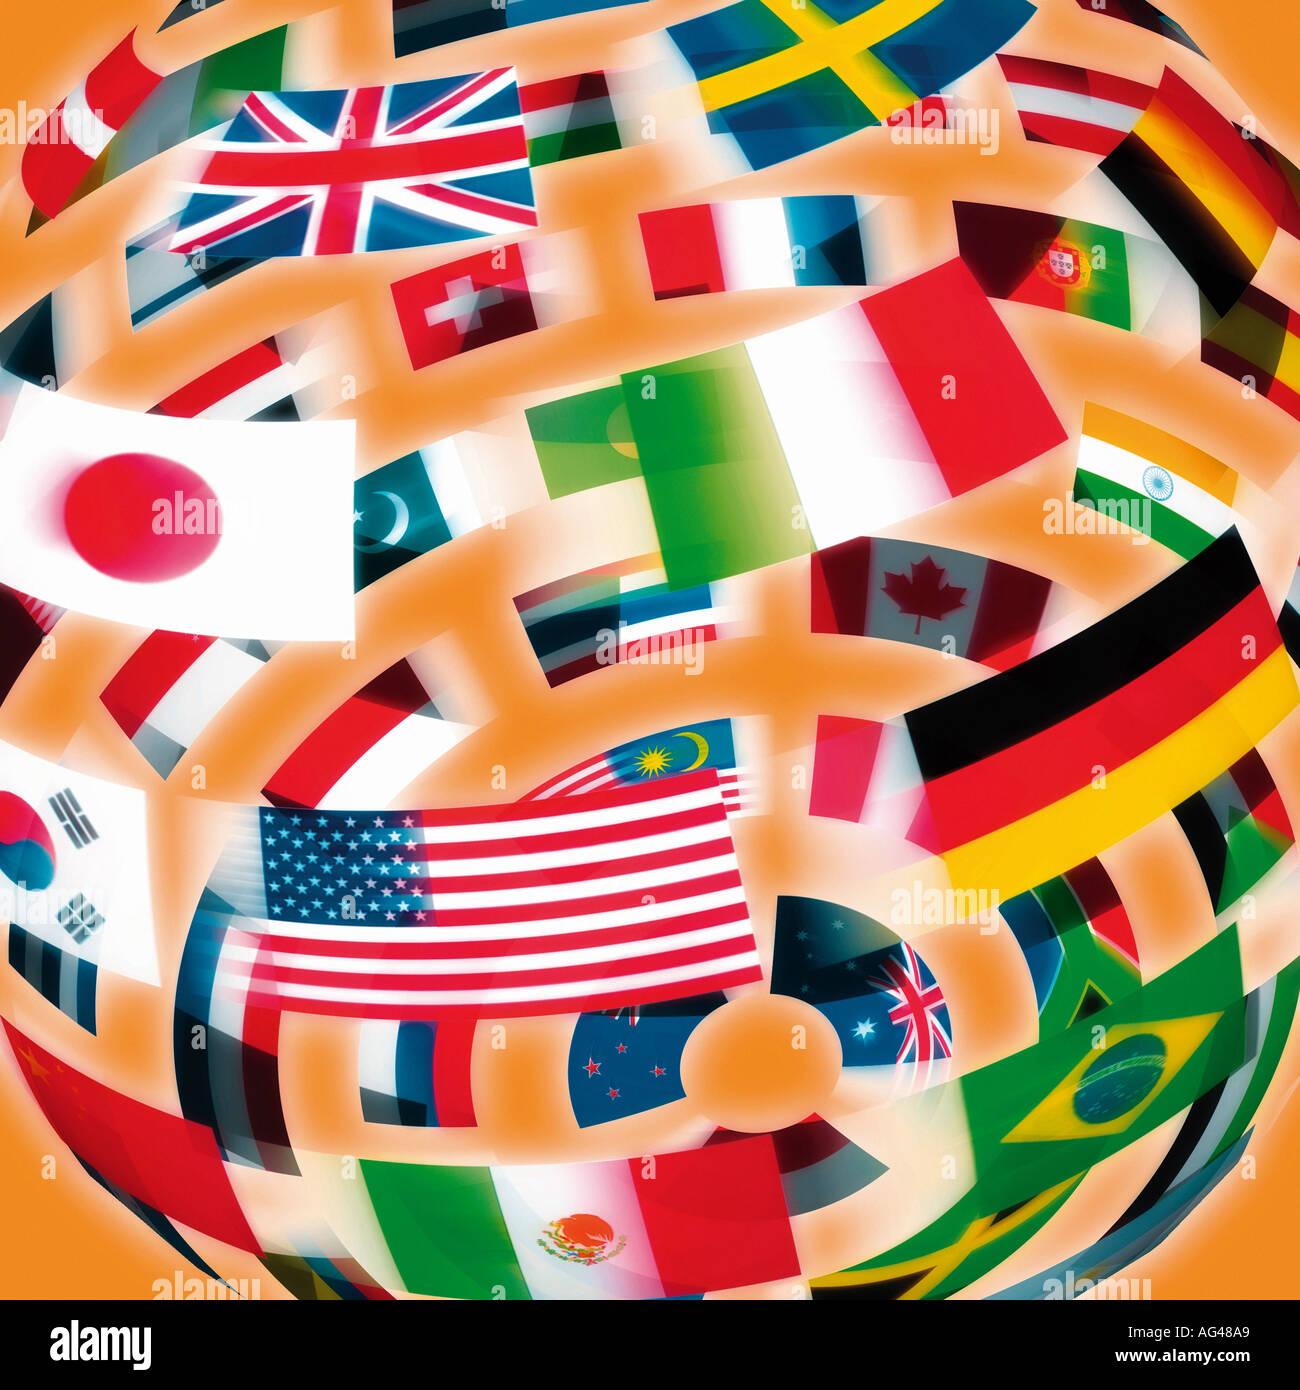 Bandiere internazionali nella forma di un globo contro uno sfondo arancione. bandiera mondo. Immagini Stock